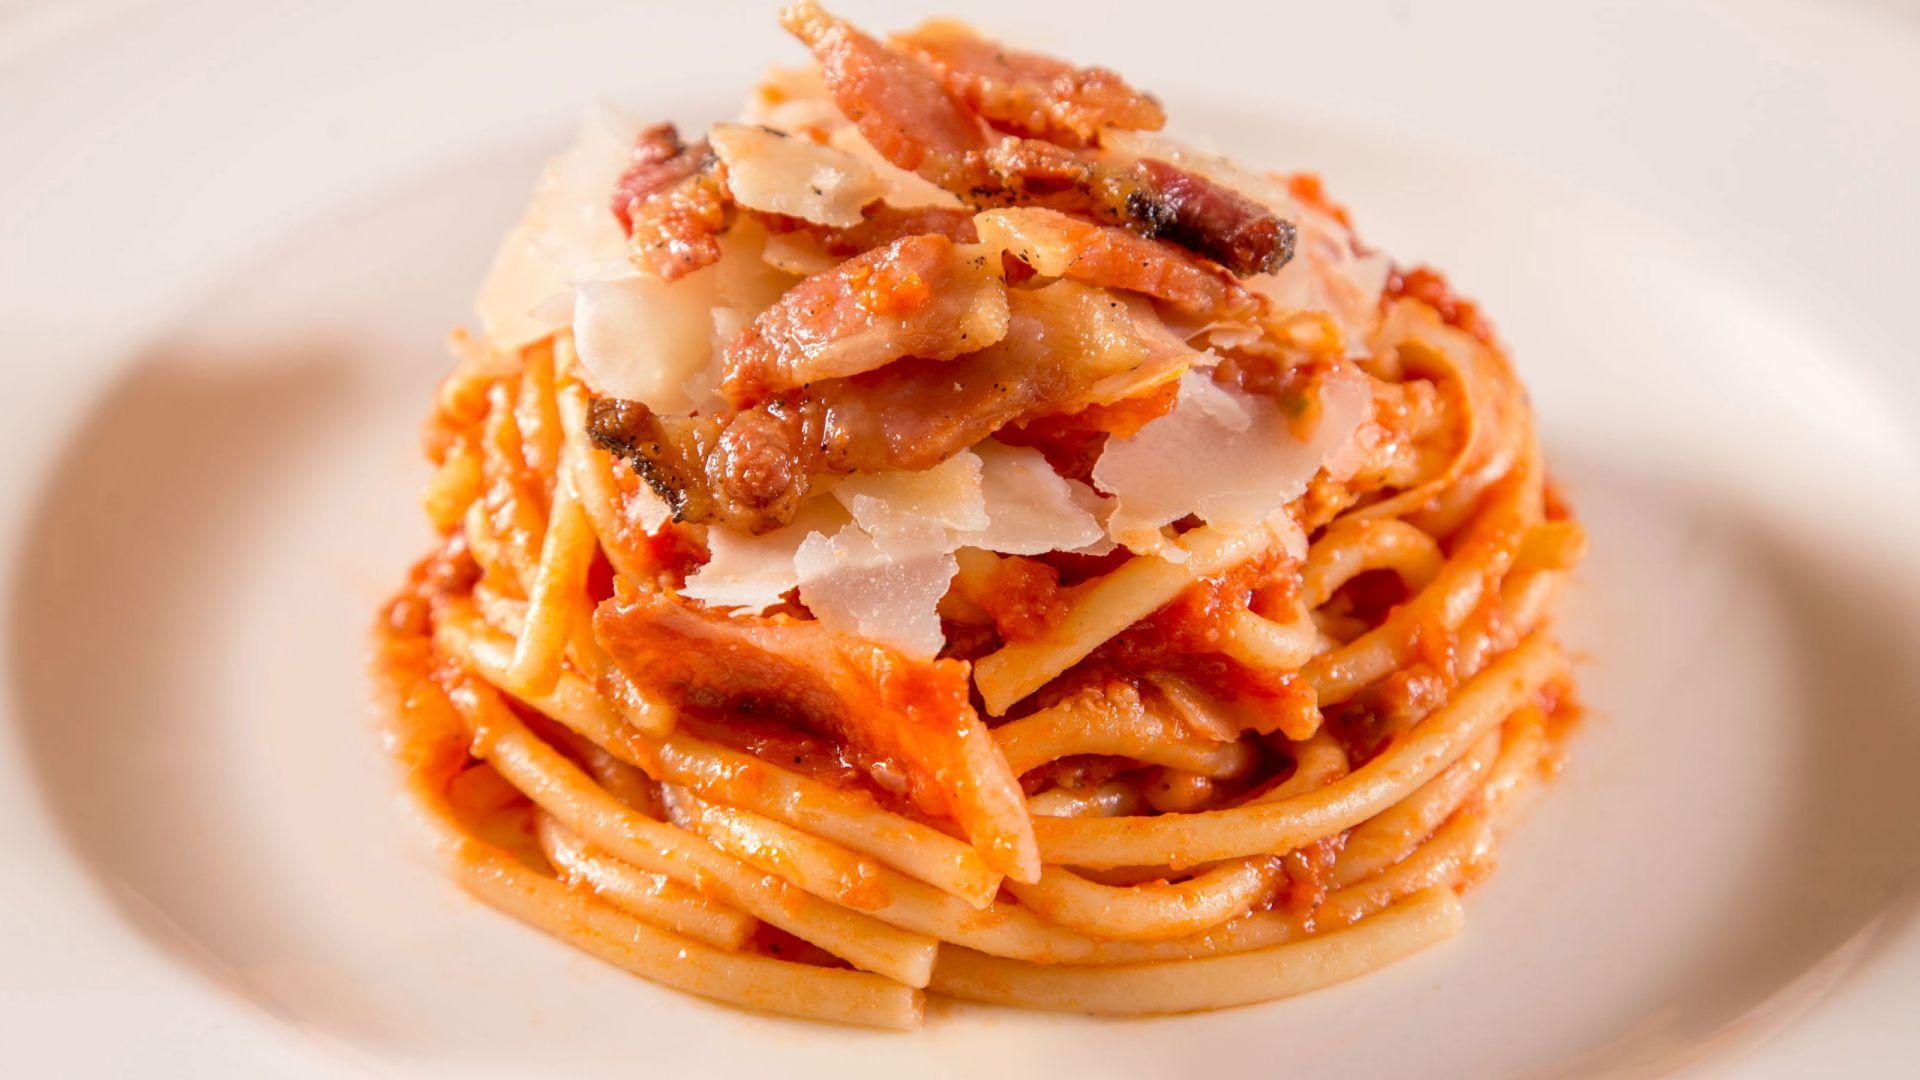 albergo-ottocento-rome-nourriture-04